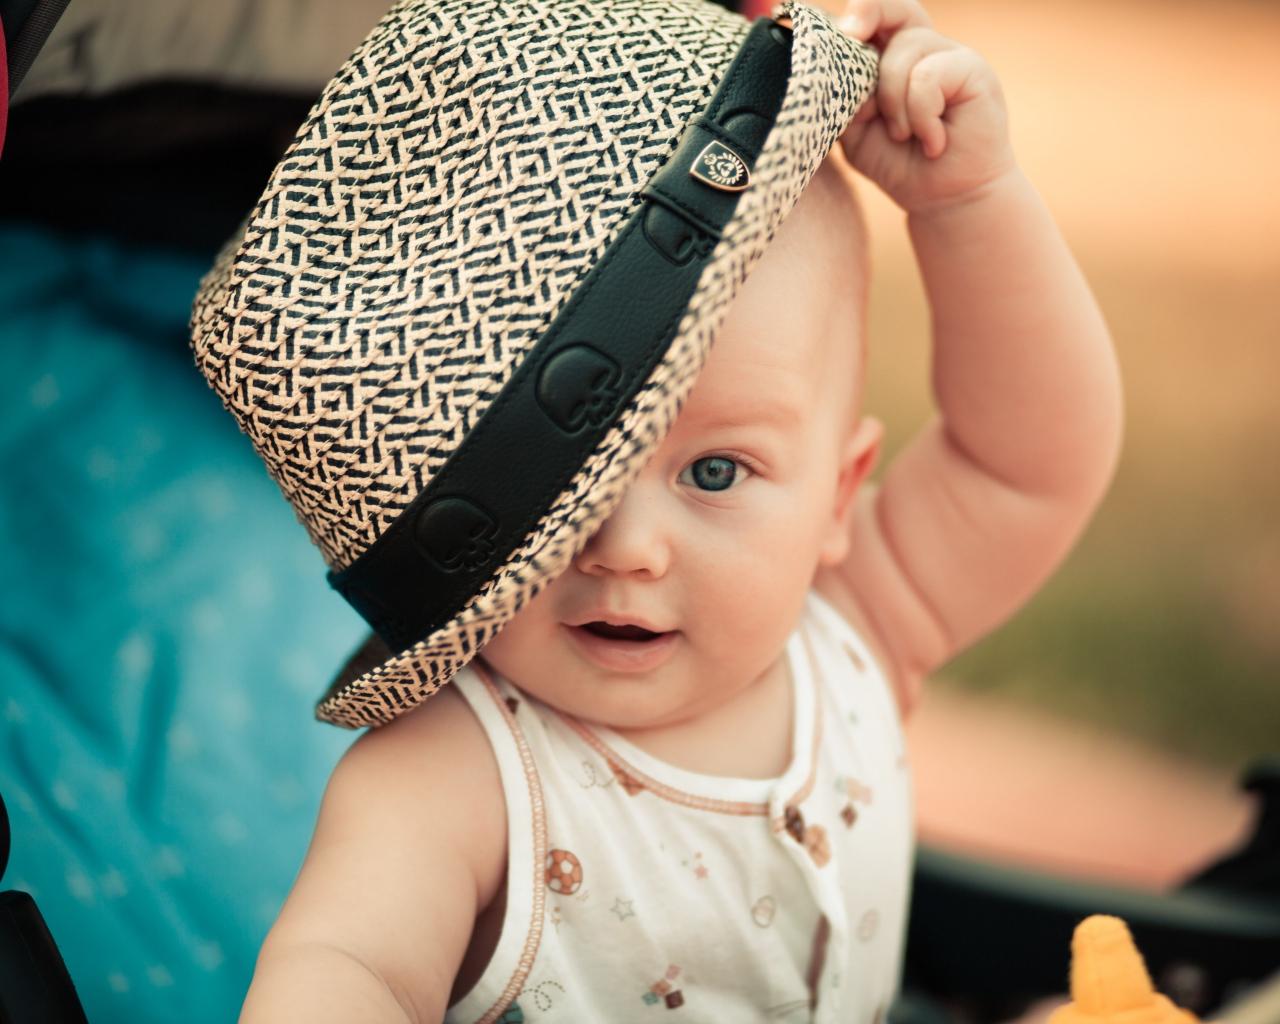 baby_child_hat_7945_1280x1024